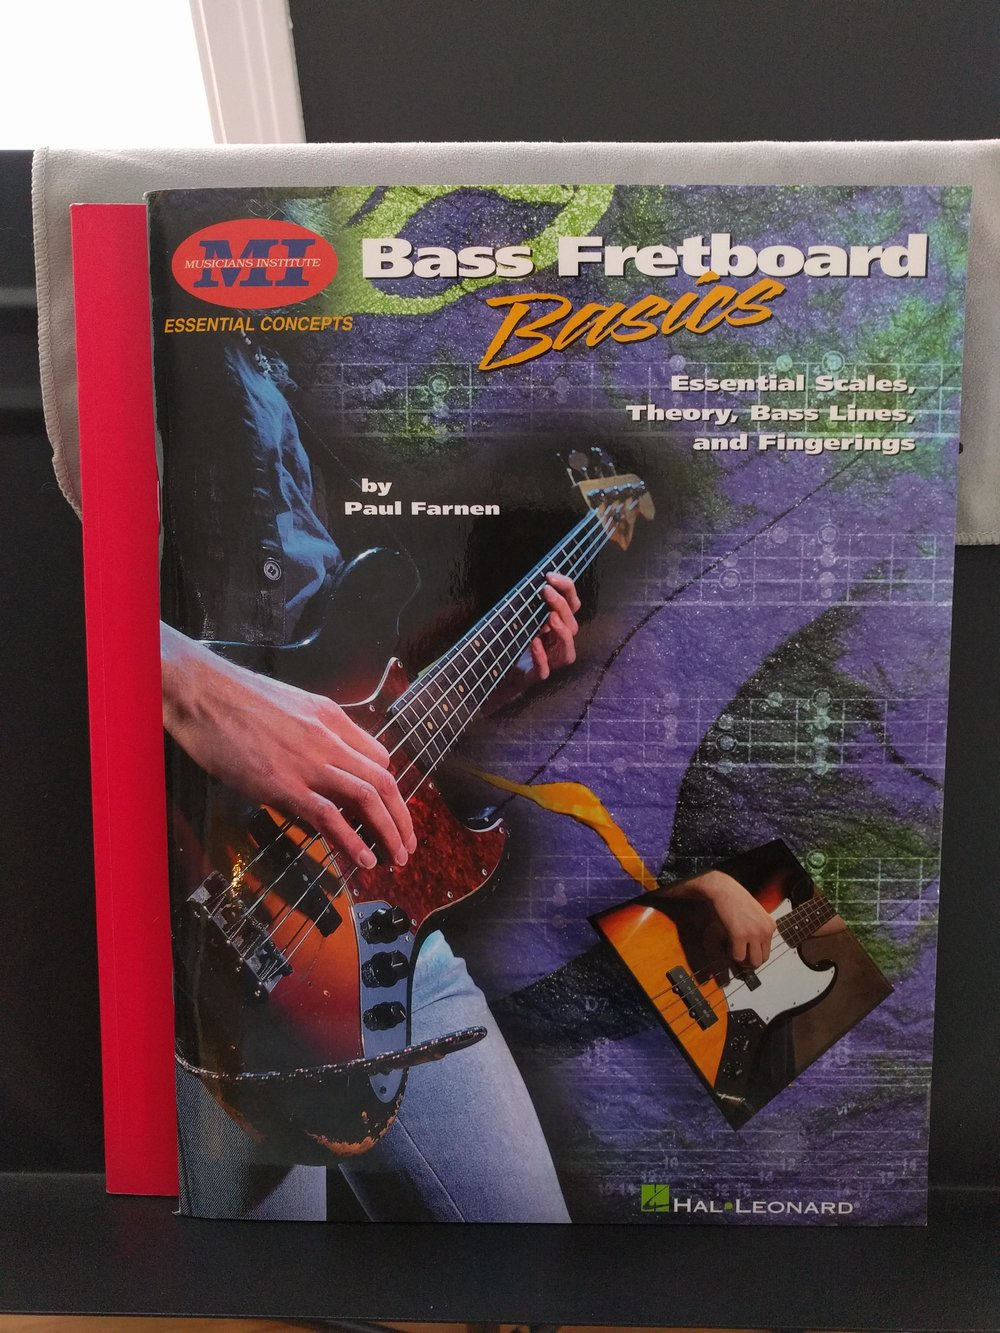 Bass Fretboard Basics